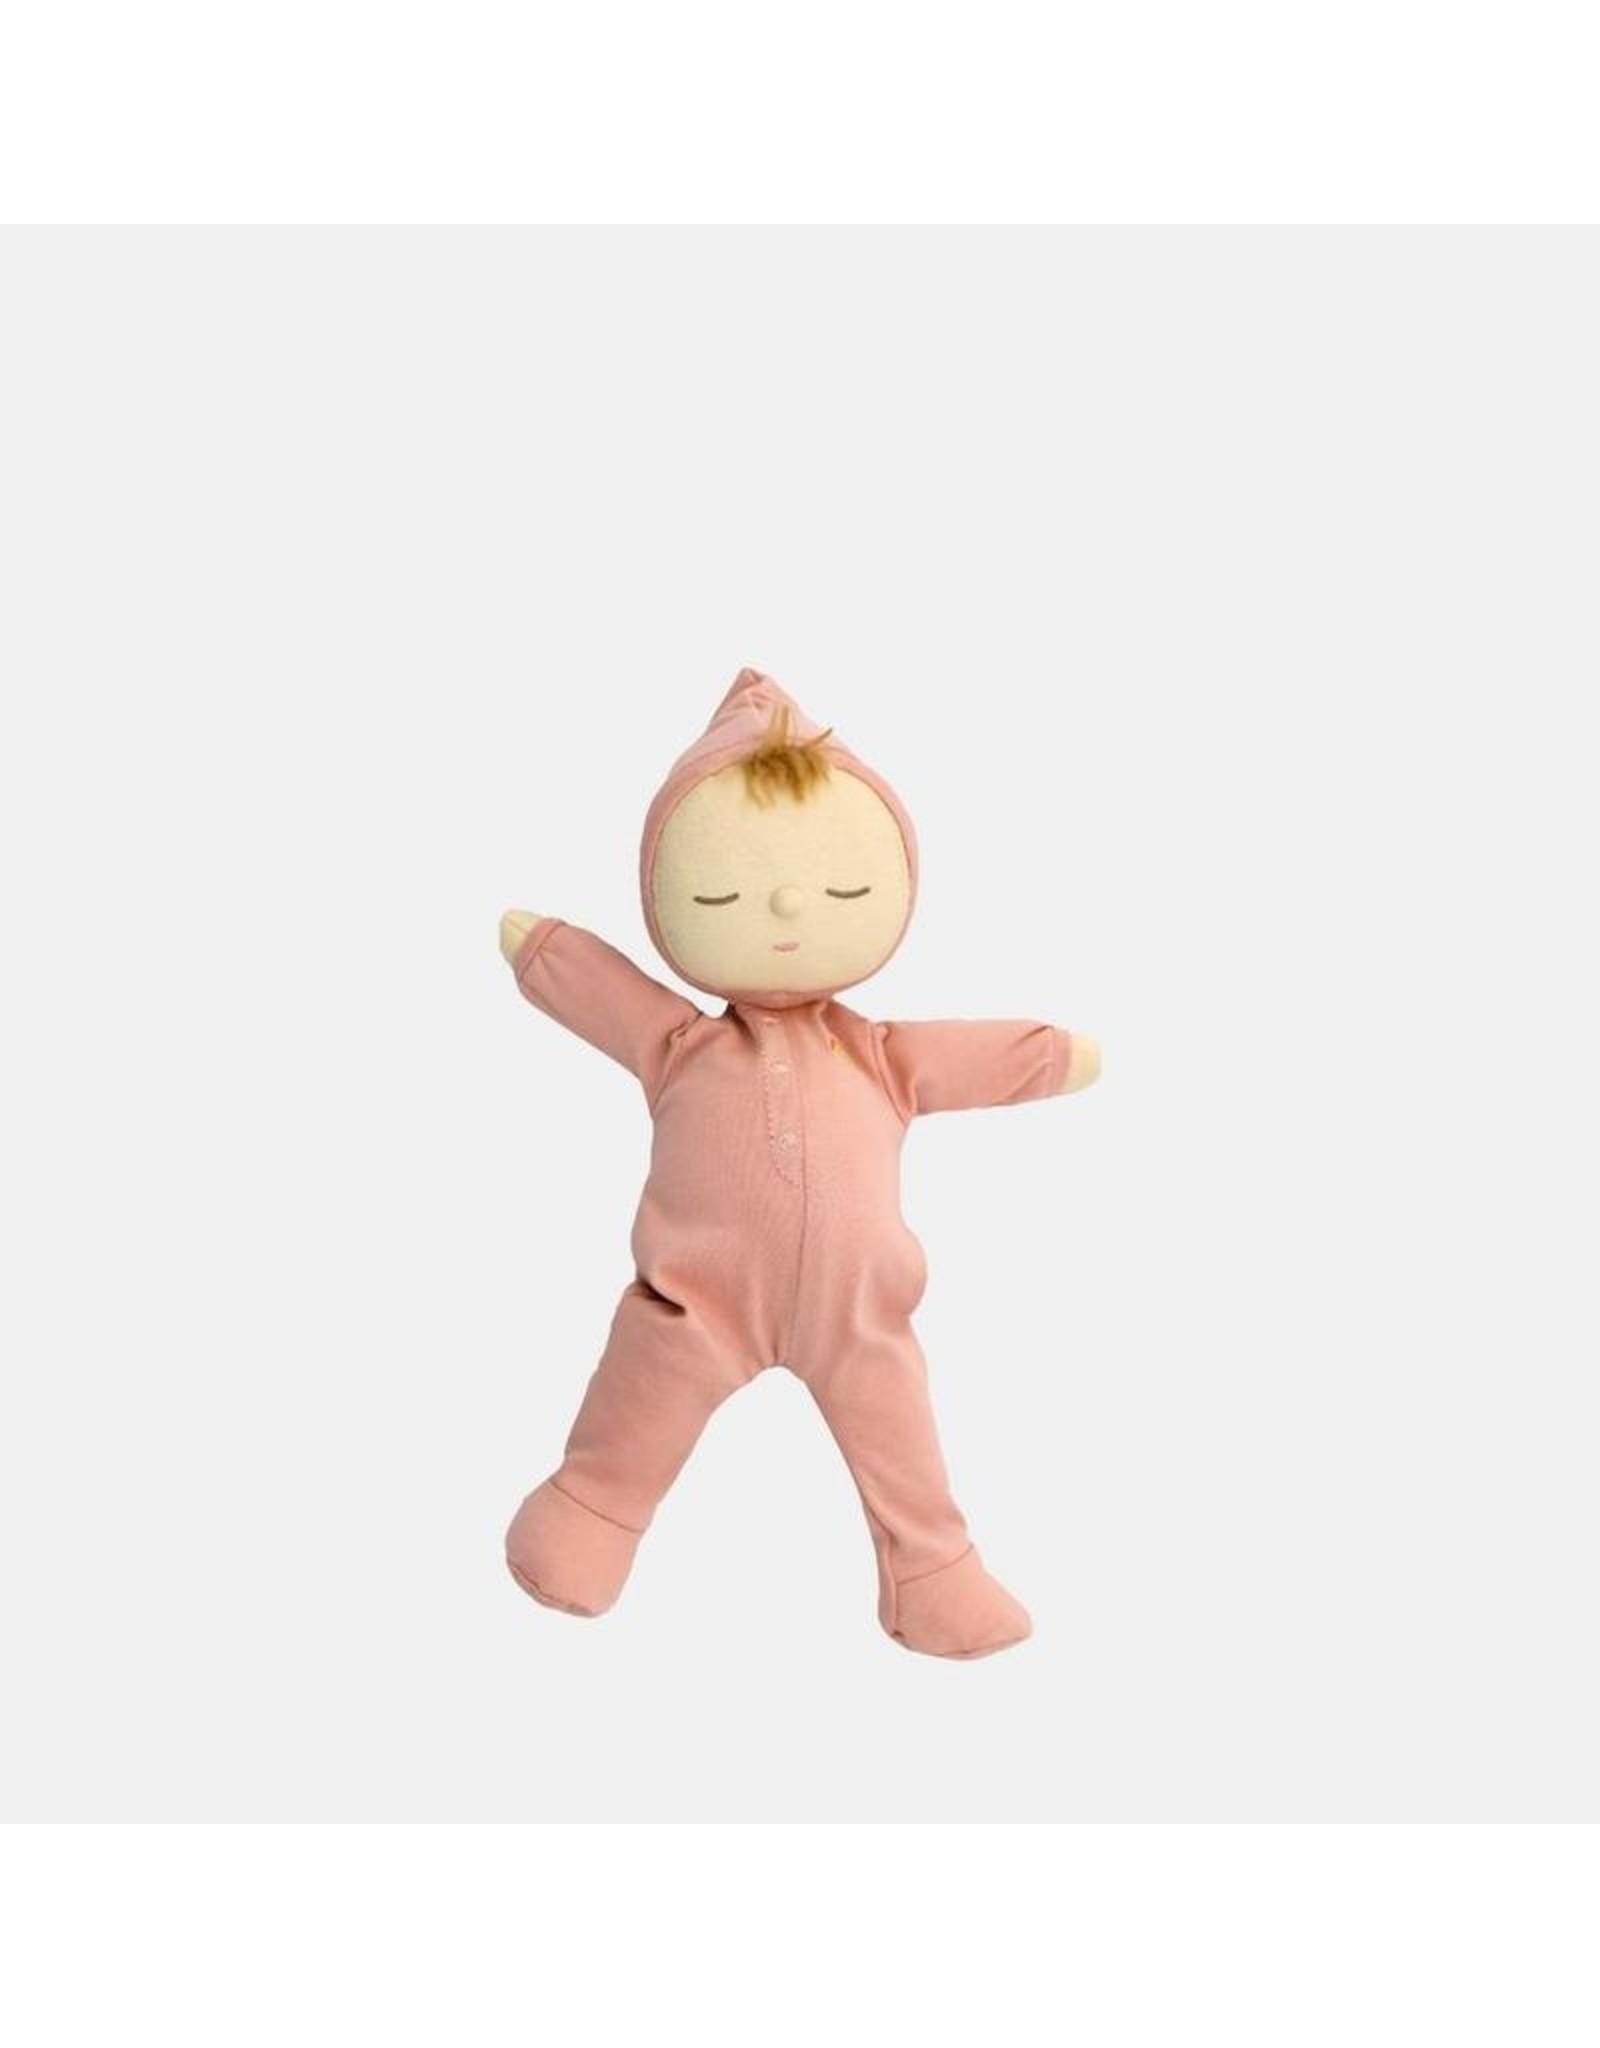 Olli Ella Olli Ella Dozy Dinkum Doll - Moppet